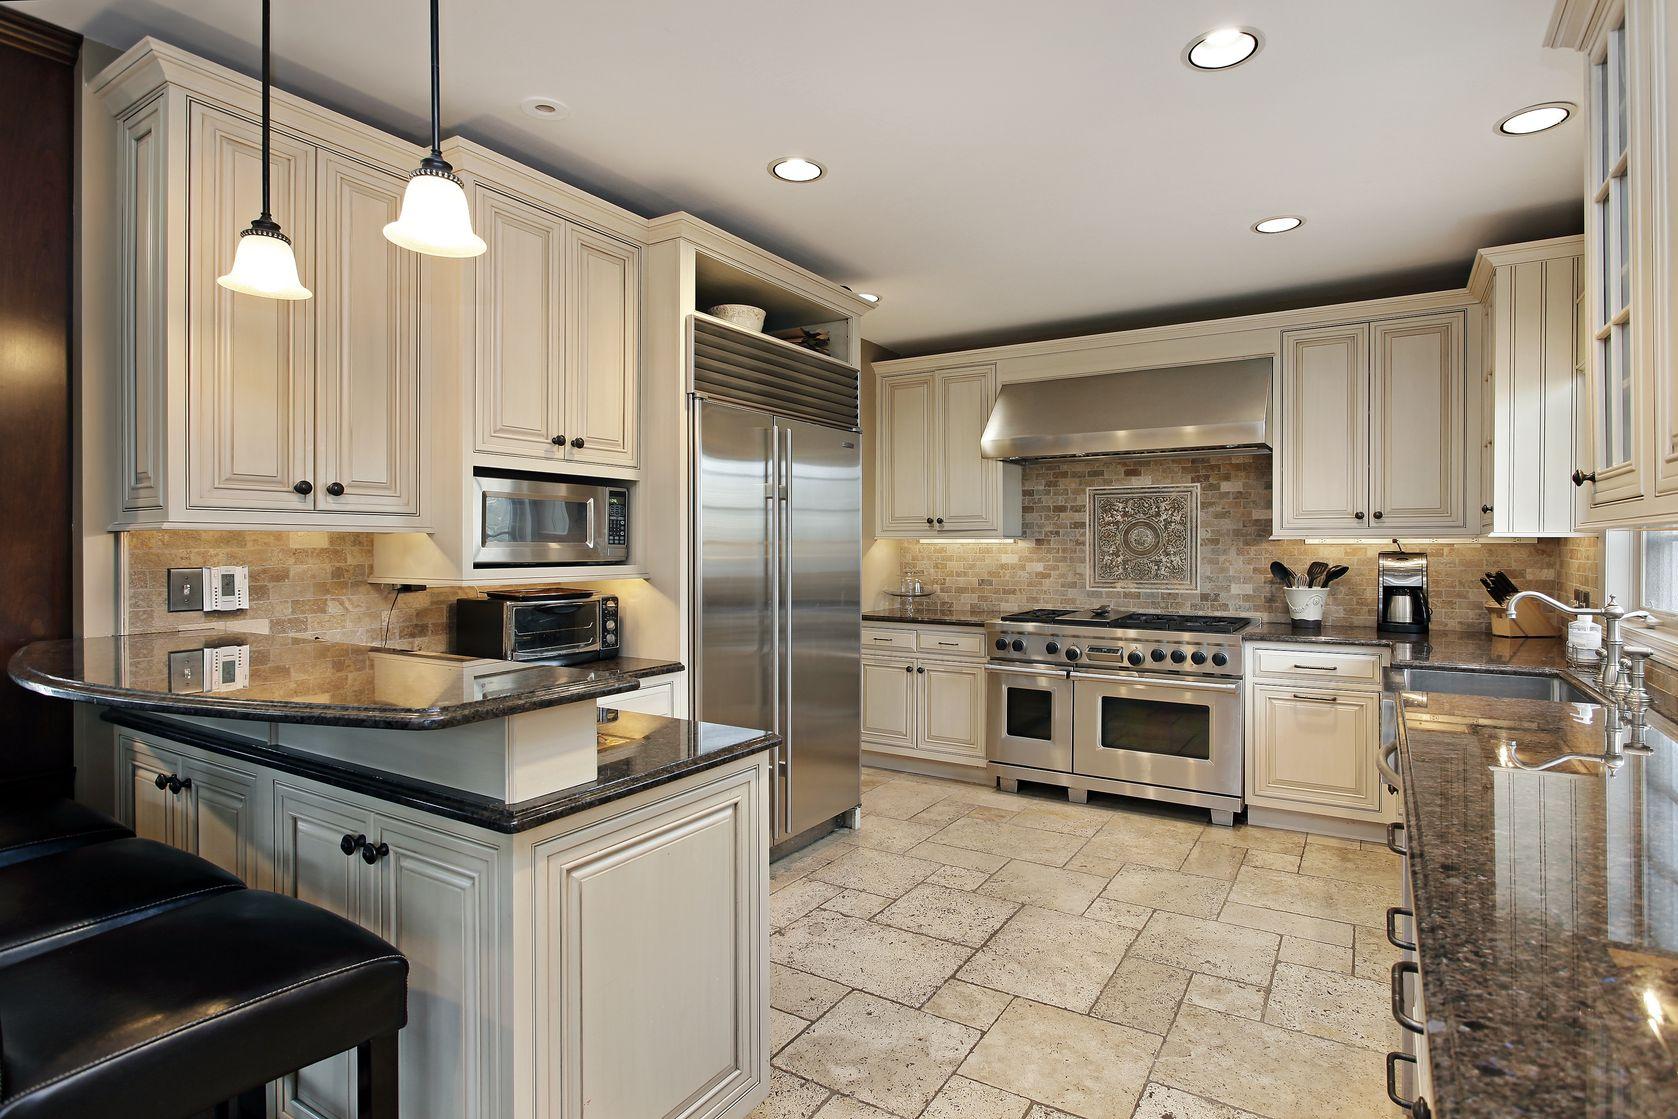 Kitchen Remodel Tile Floor Before Cabinets Amazing Bedroom